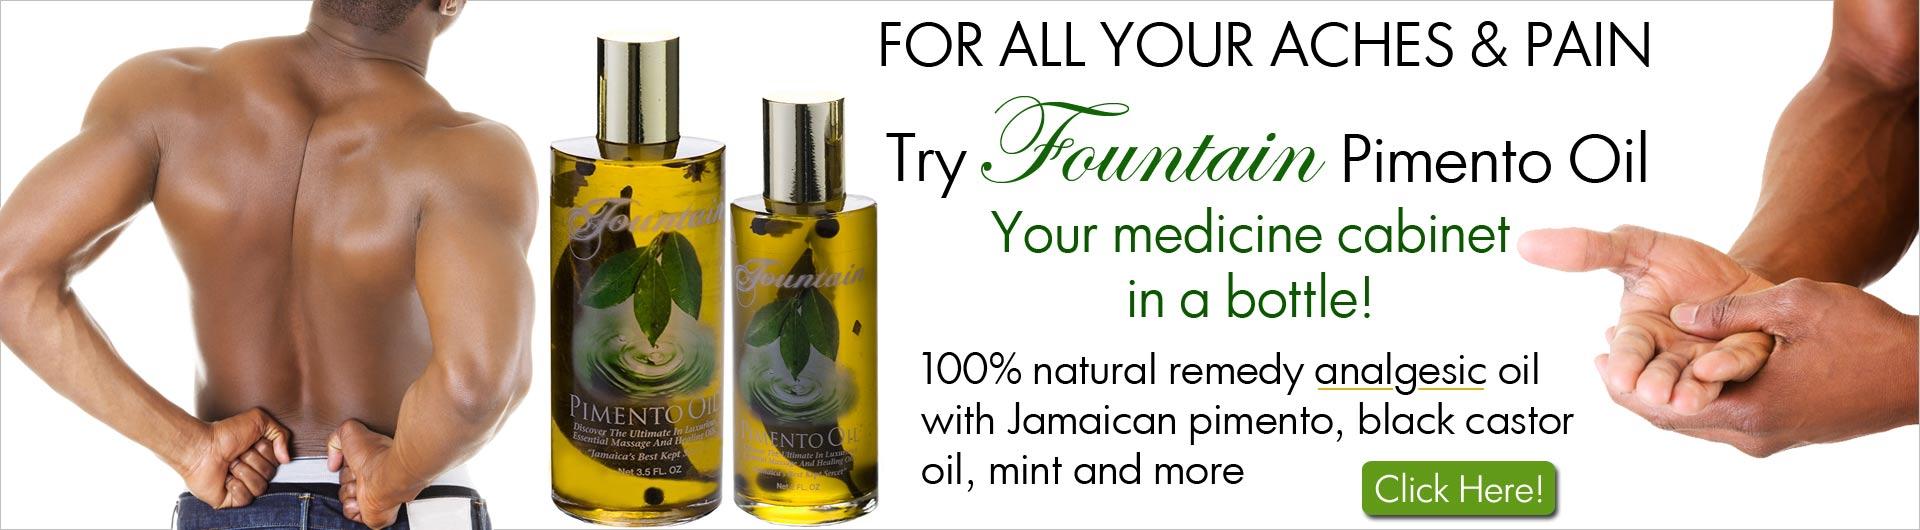 Fountain Pimento Oil